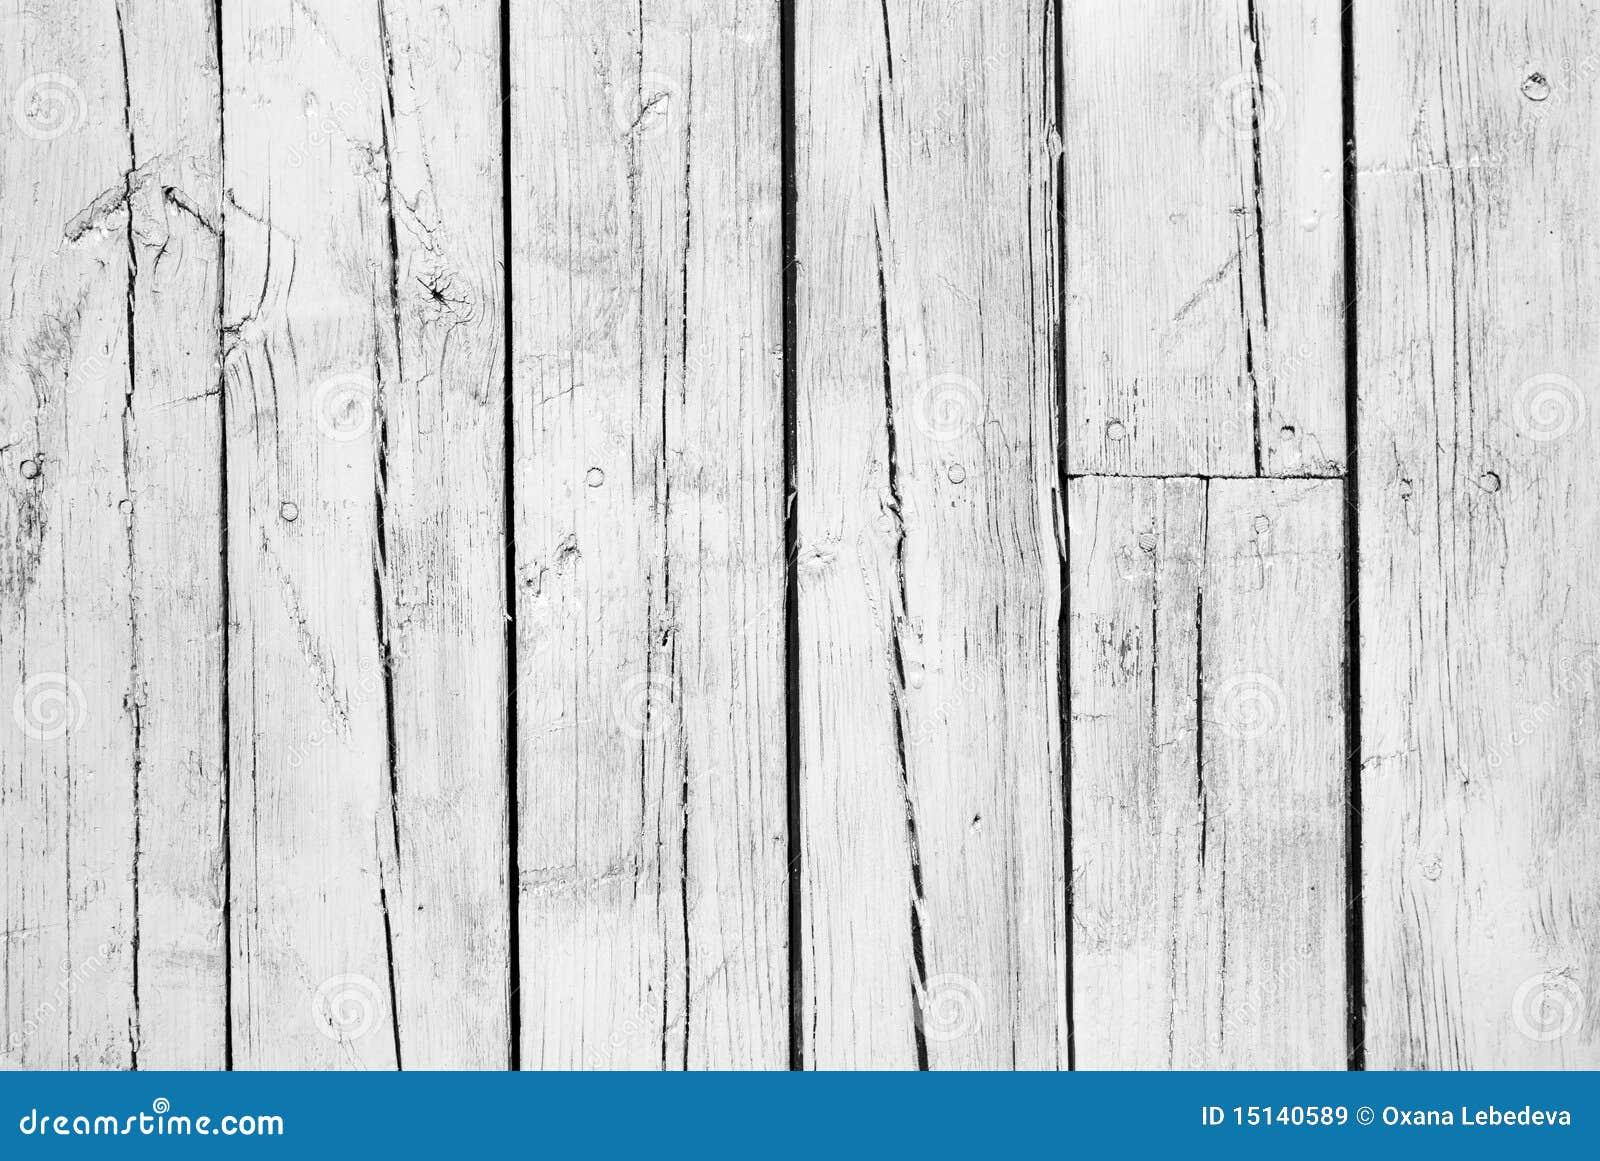 wood background royalty free - photo #13